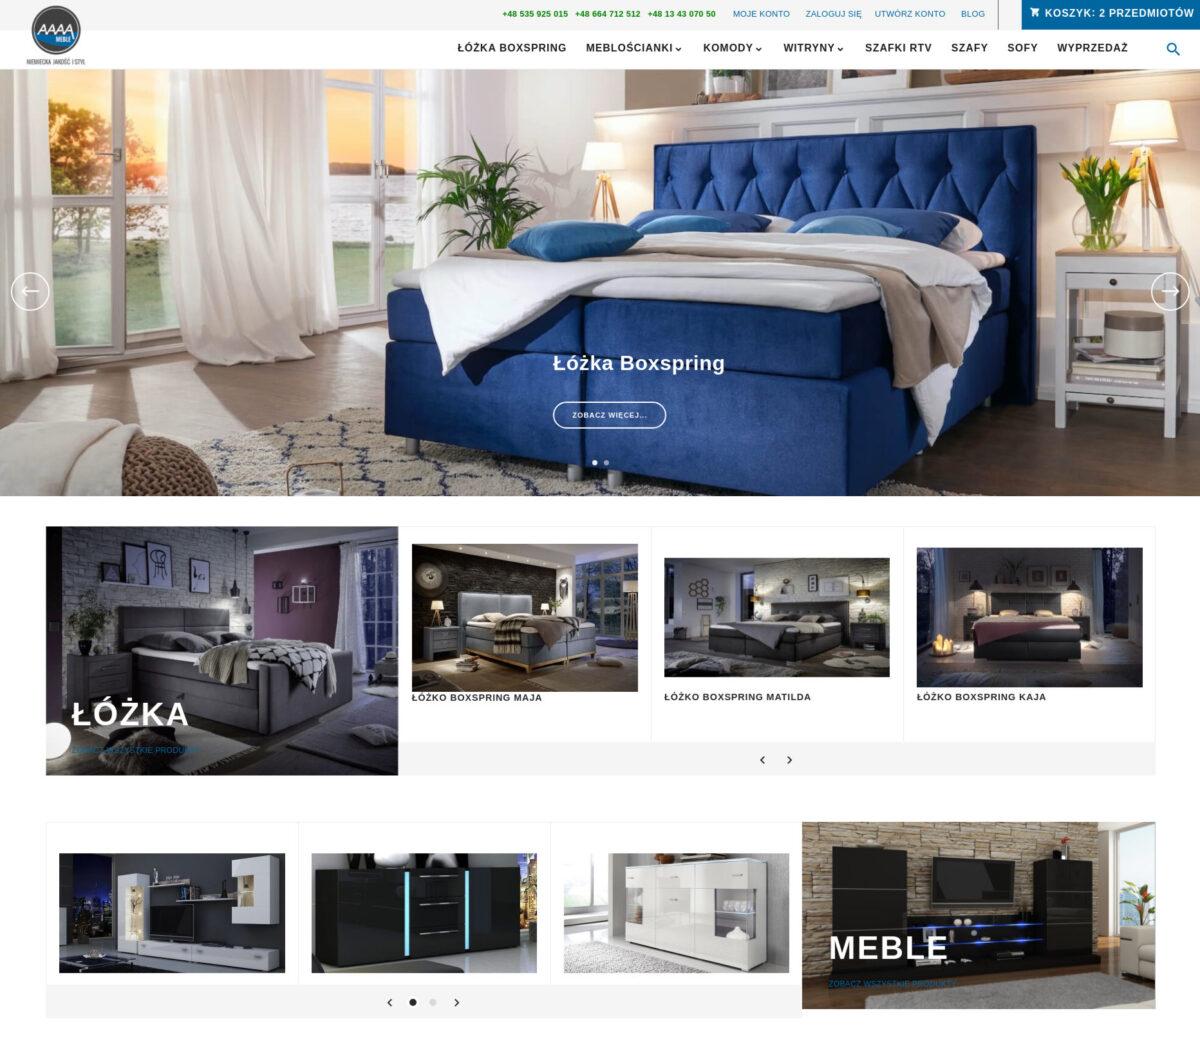 aaaameble.pl - łóżka boxspring, to najwyższej jakości łózka do sypialni